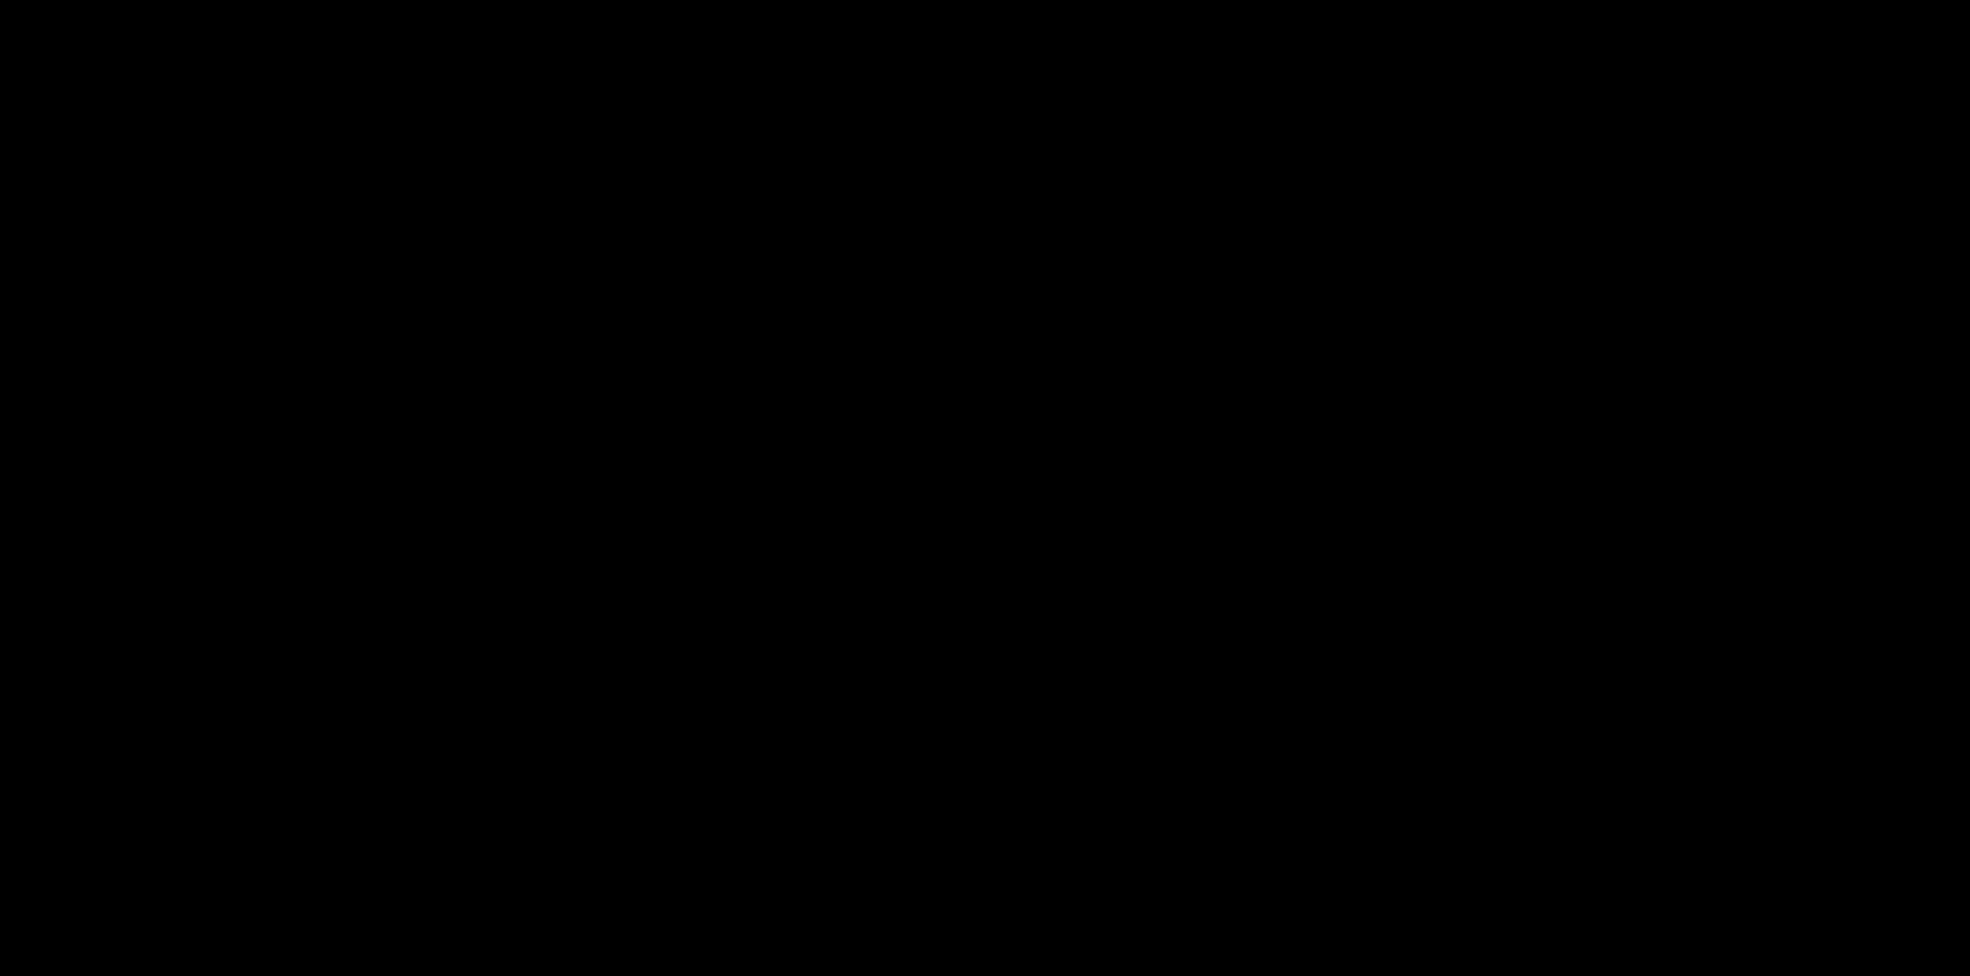 N-Biotinyl-tryptamine